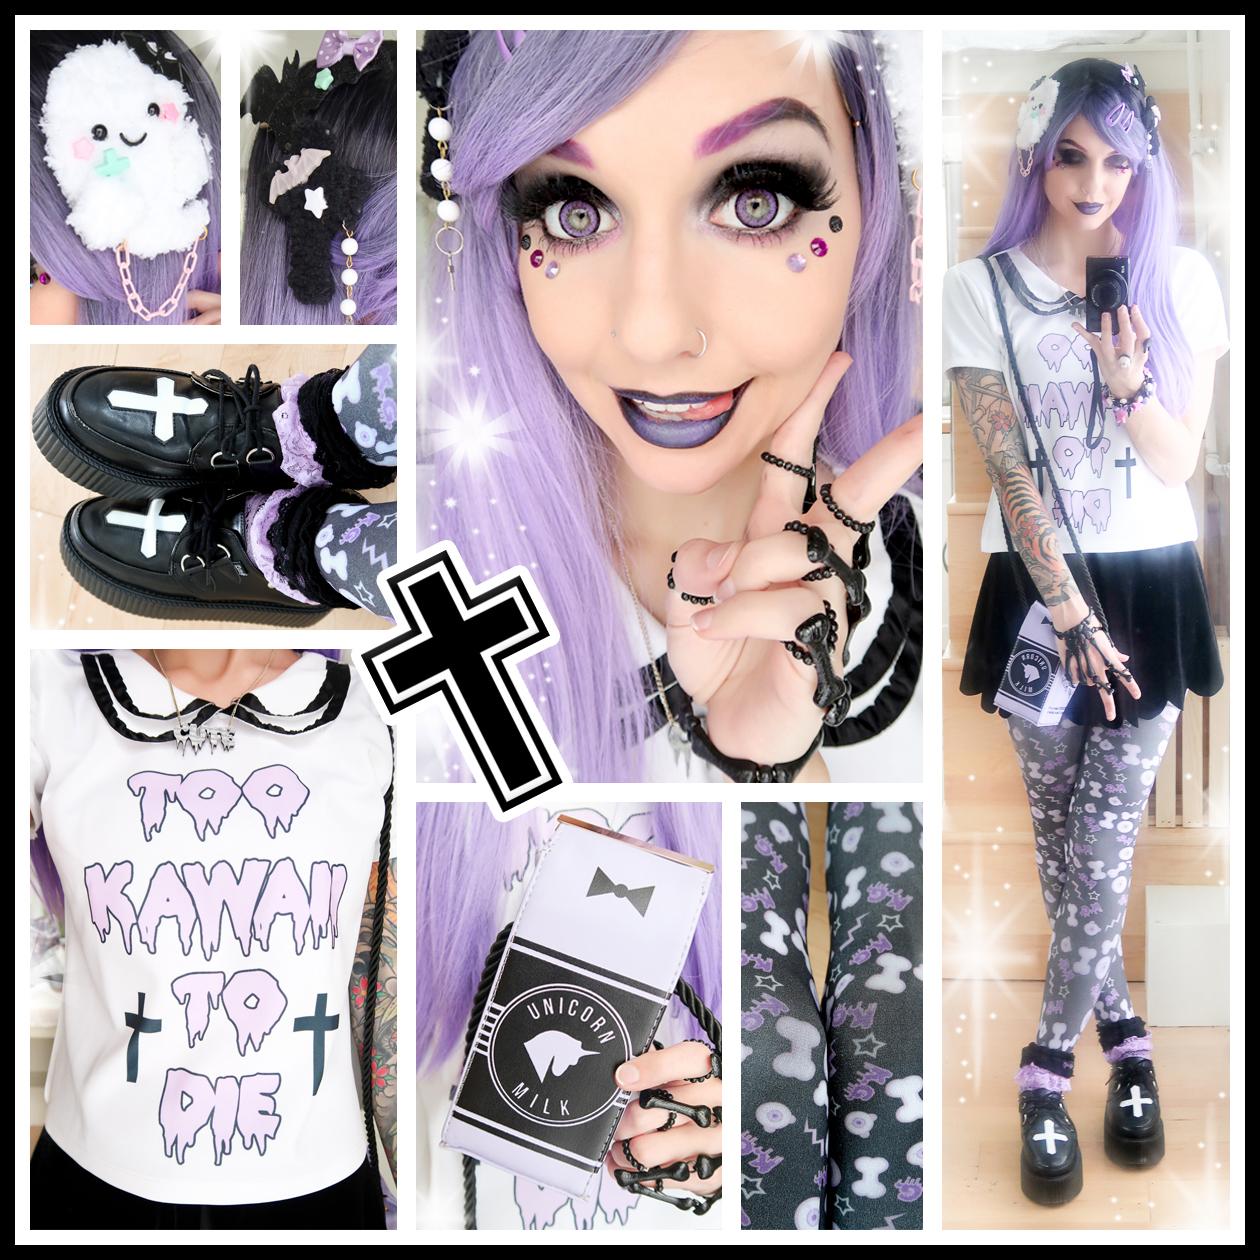 alexas style blog too kawaii to die creepycute daily